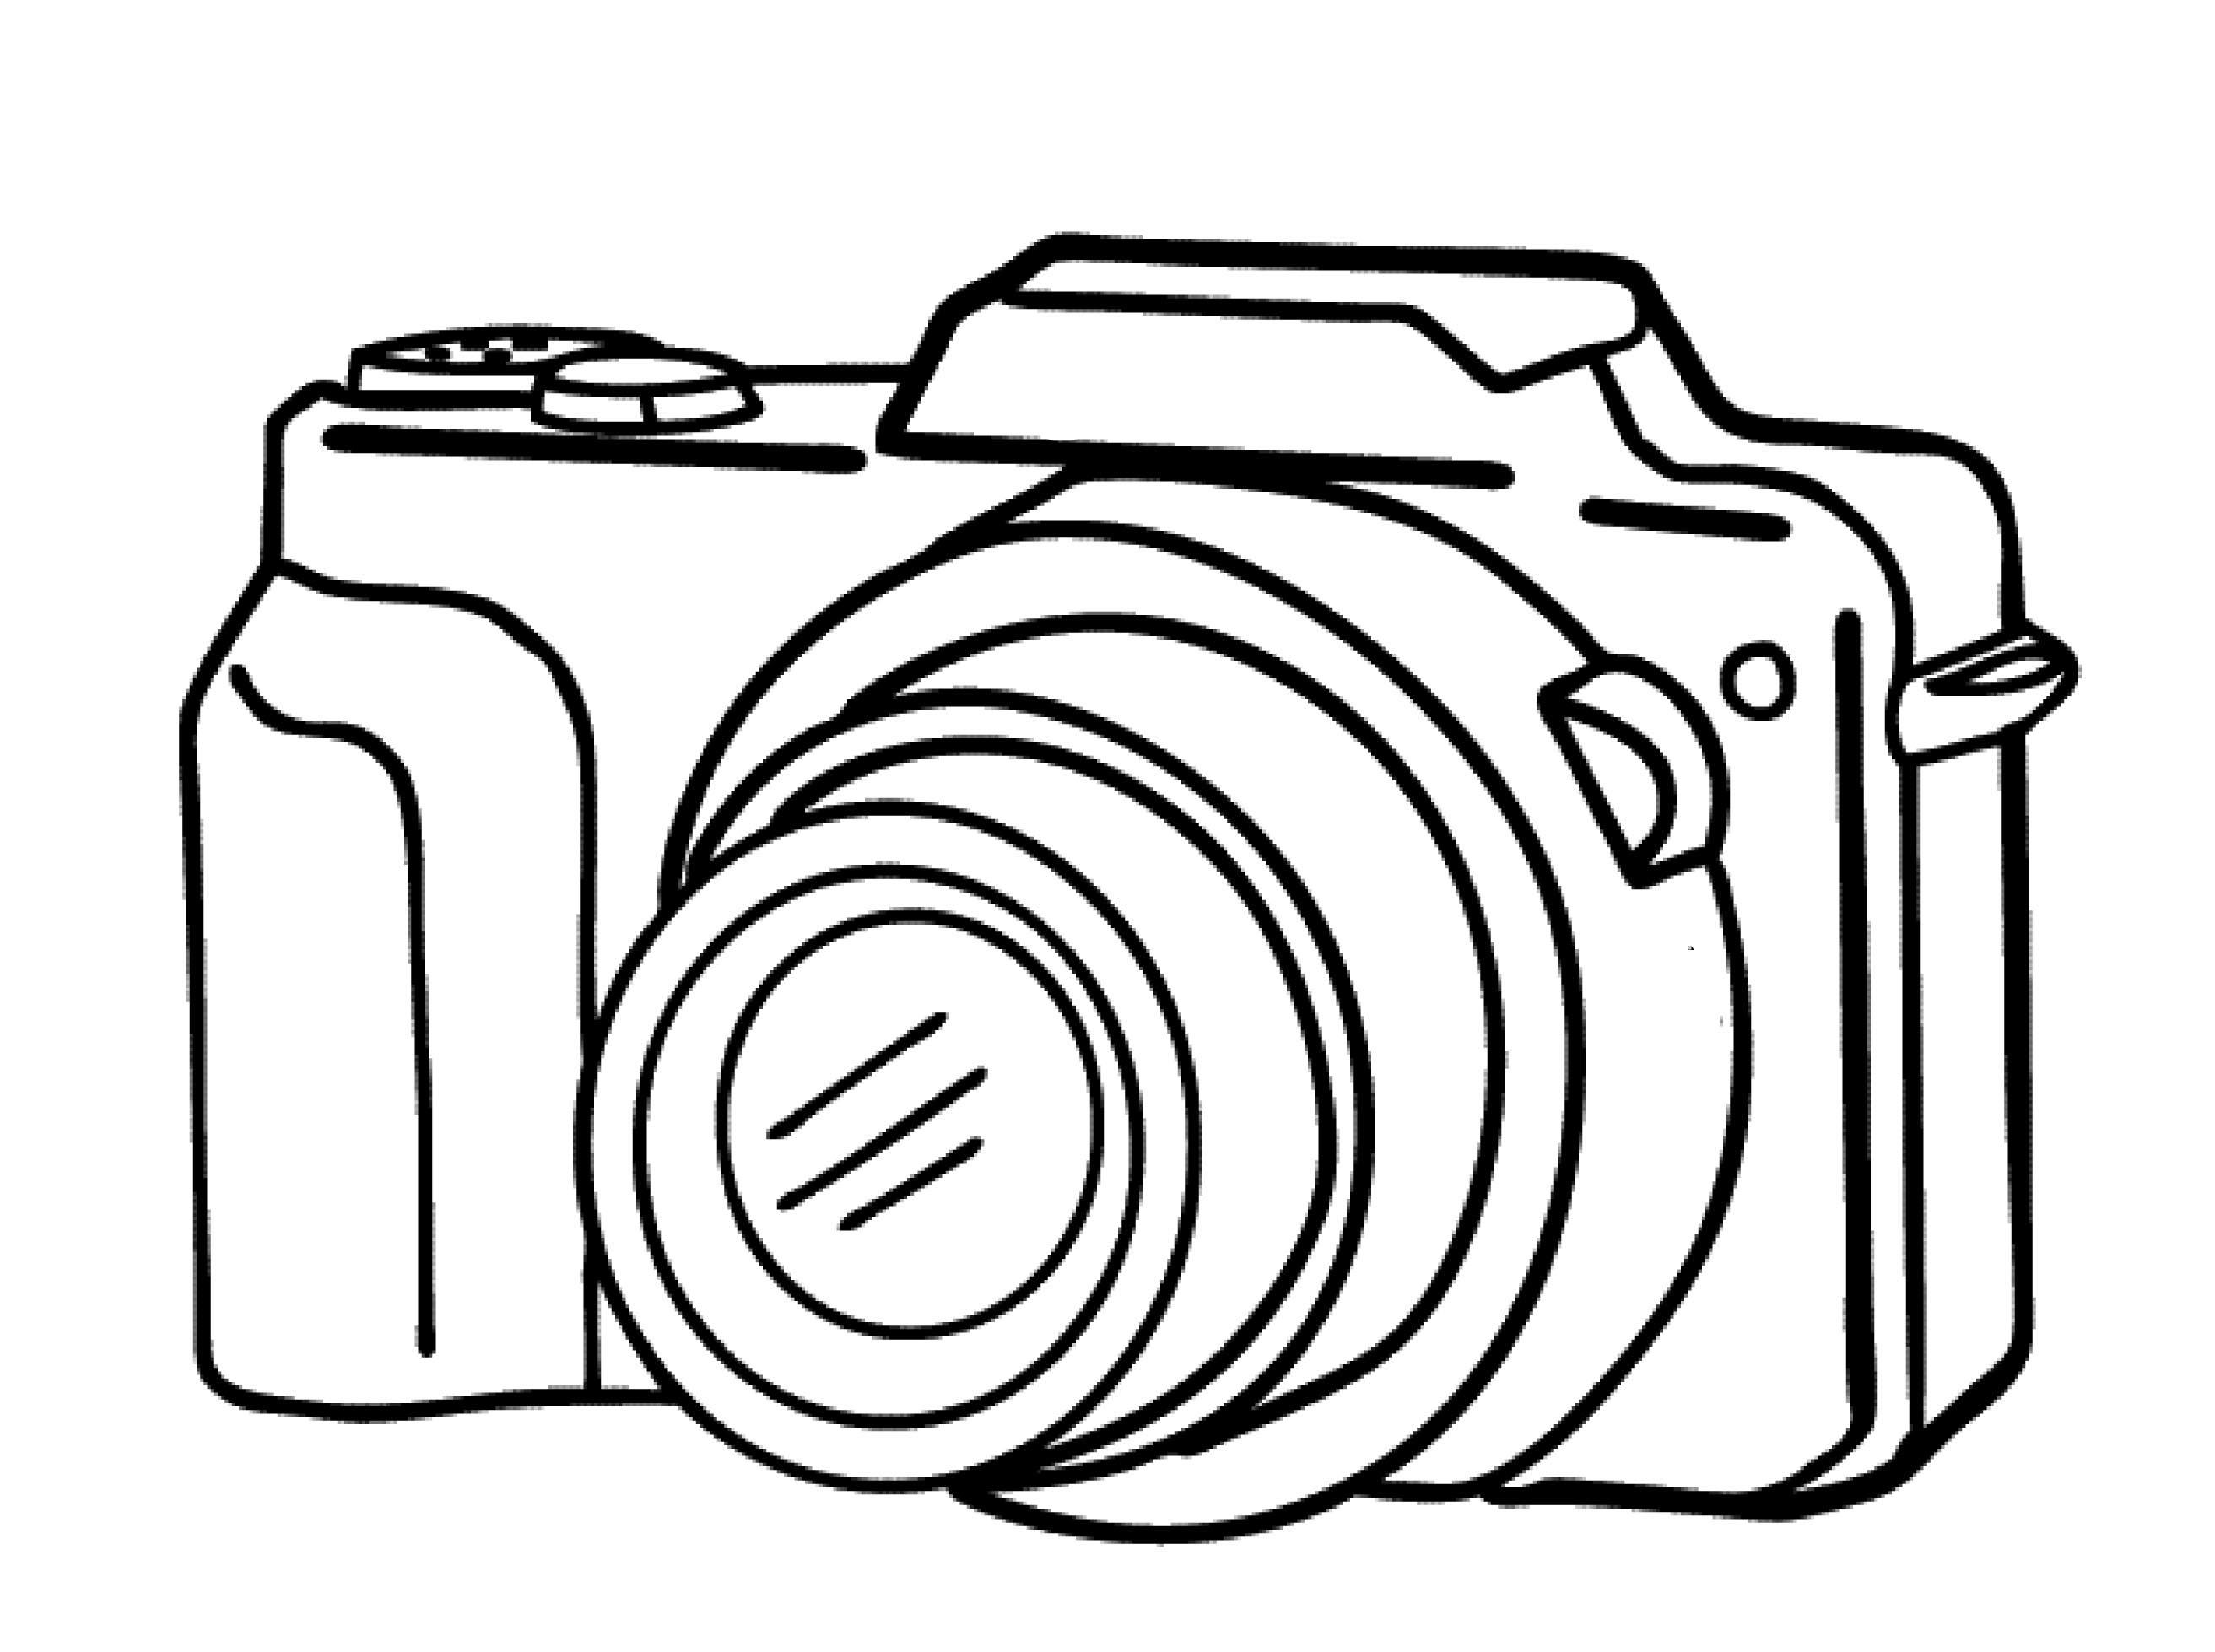 Digital Camera Drawing Easy Digital Imaging